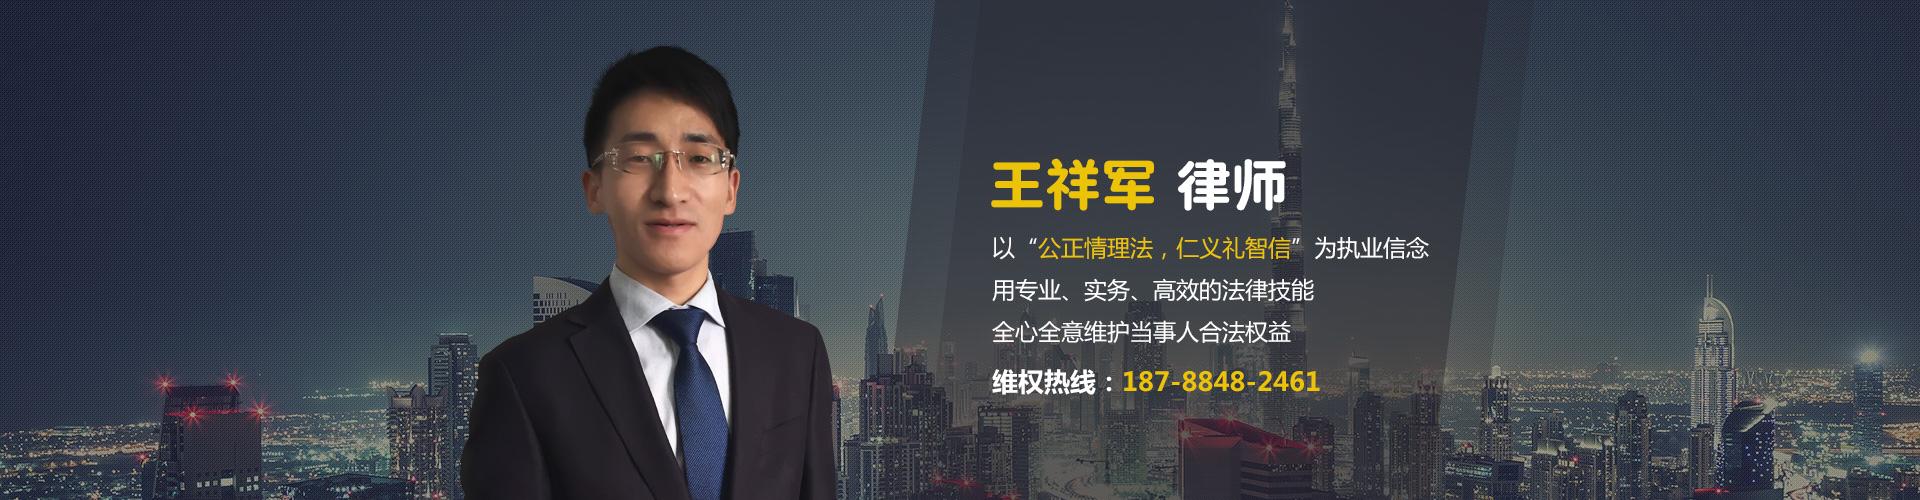 云南王祥军律师